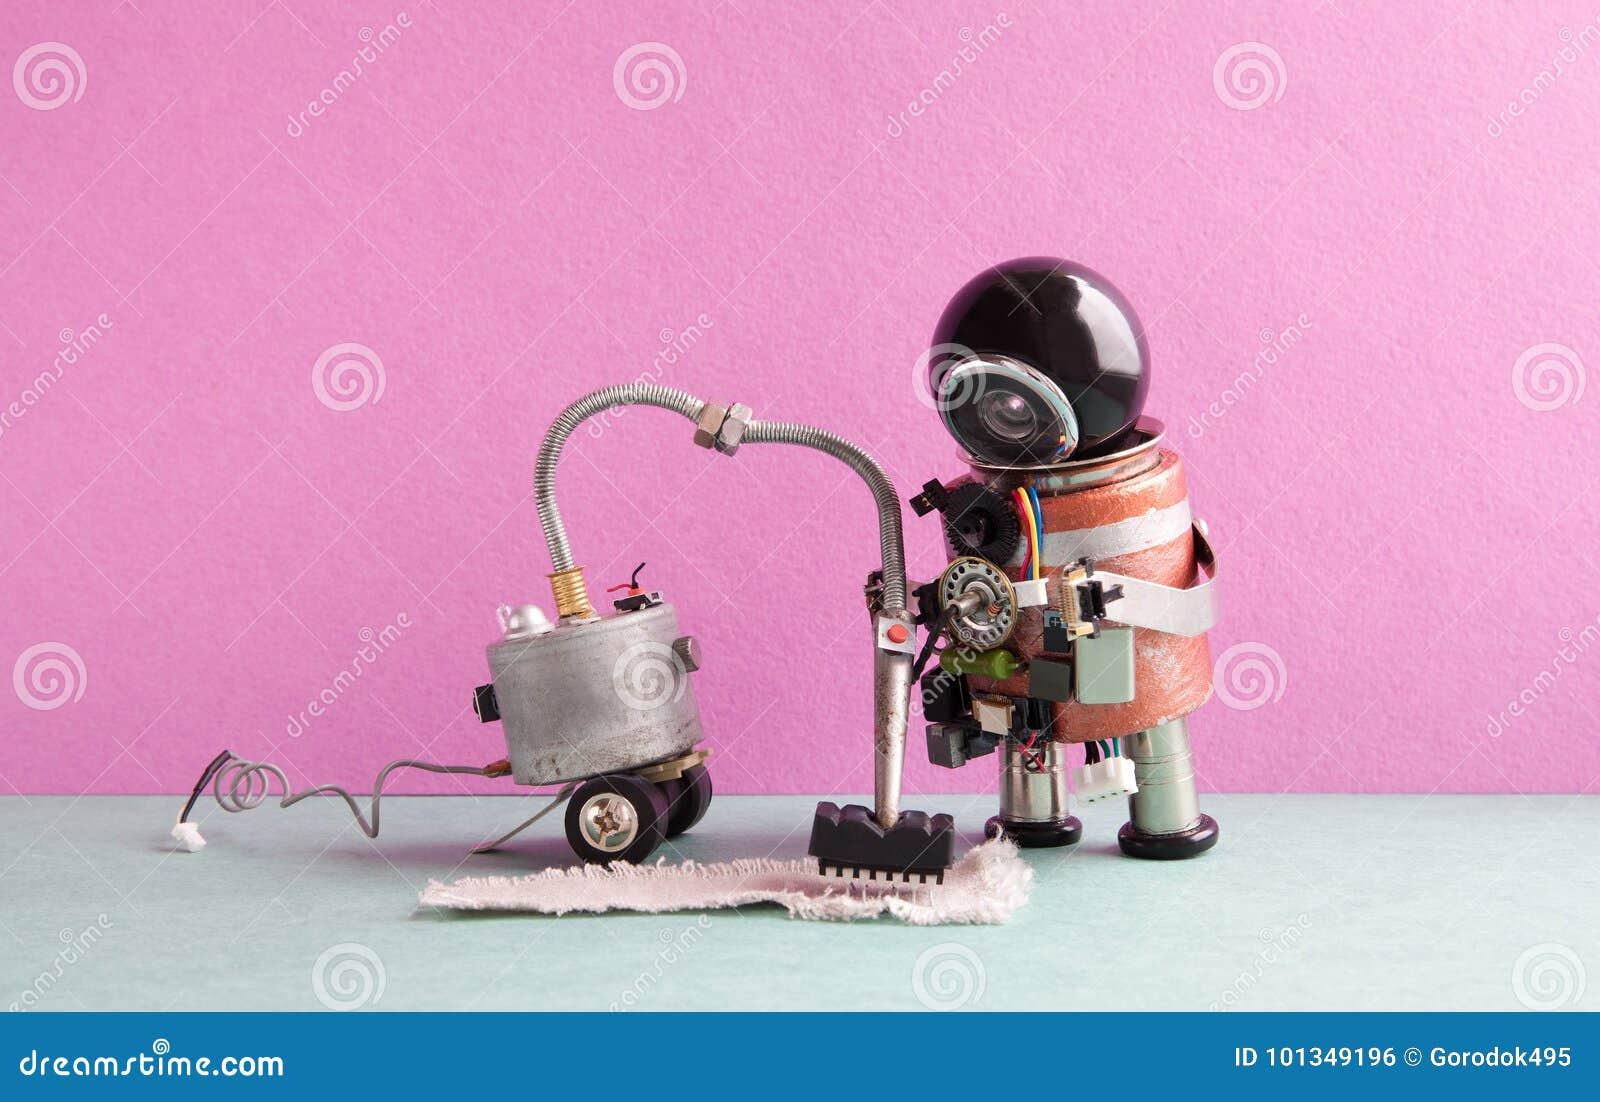 Aspiradora Robot de Juguete Auto Limpieza de Pisos Barrido Sweeper Calidad Duros Suelos de moqueta Run Antes autom/áticamente la Carga